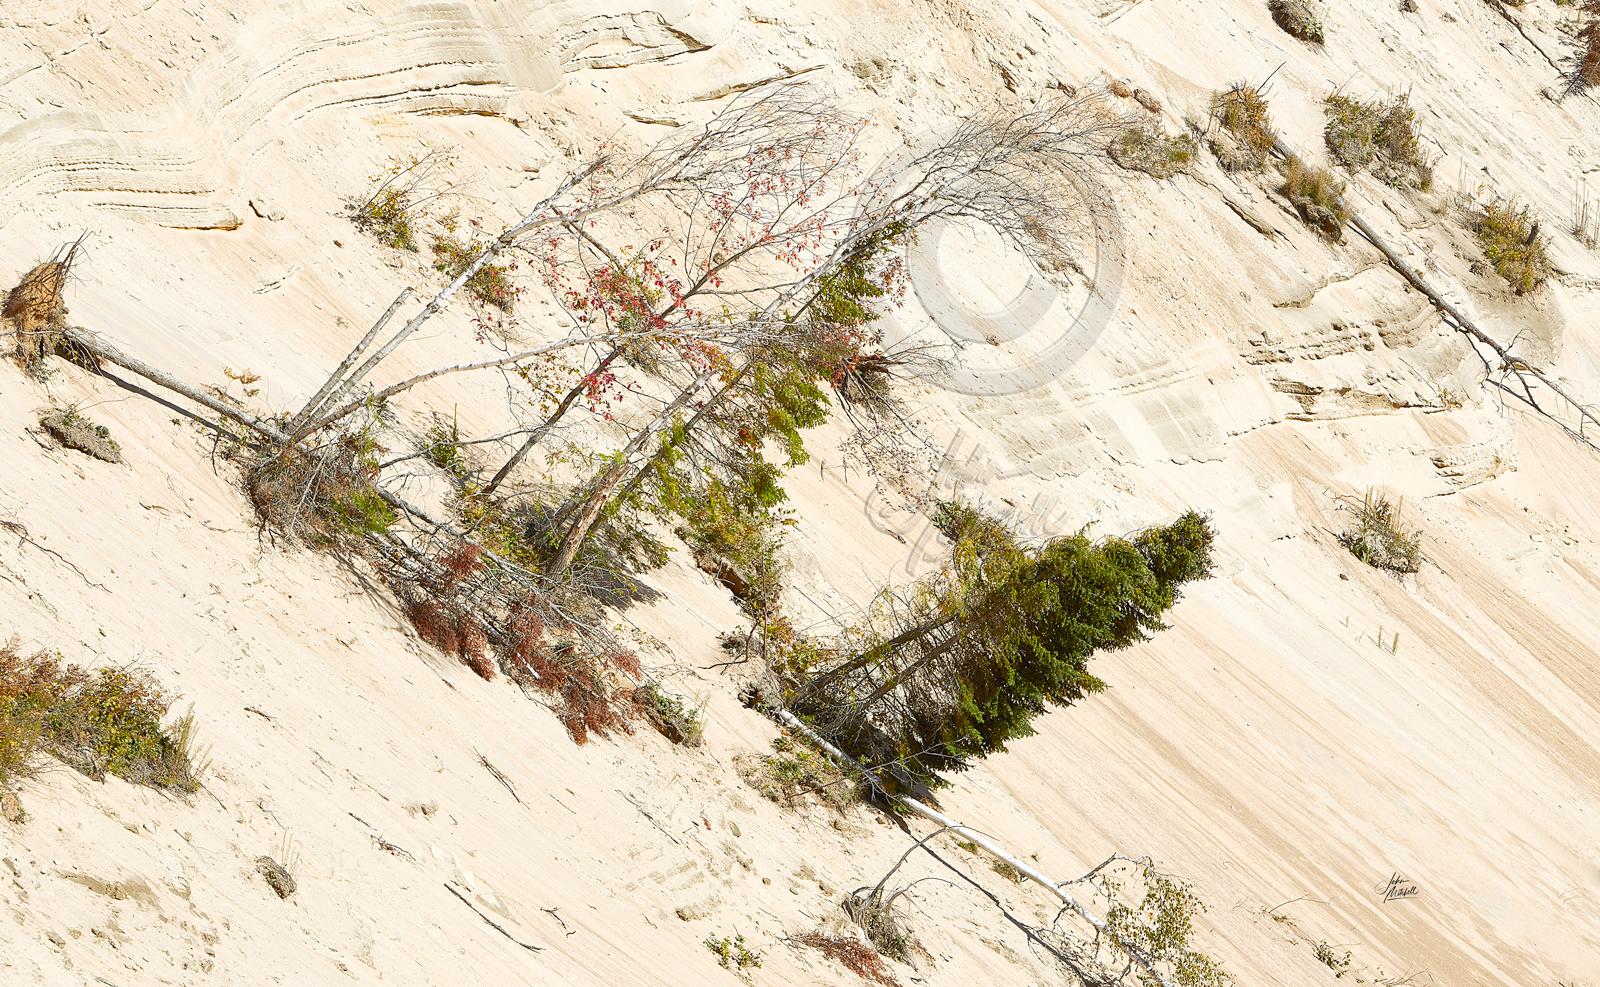 ARROWHEAD-SAND-DUNES